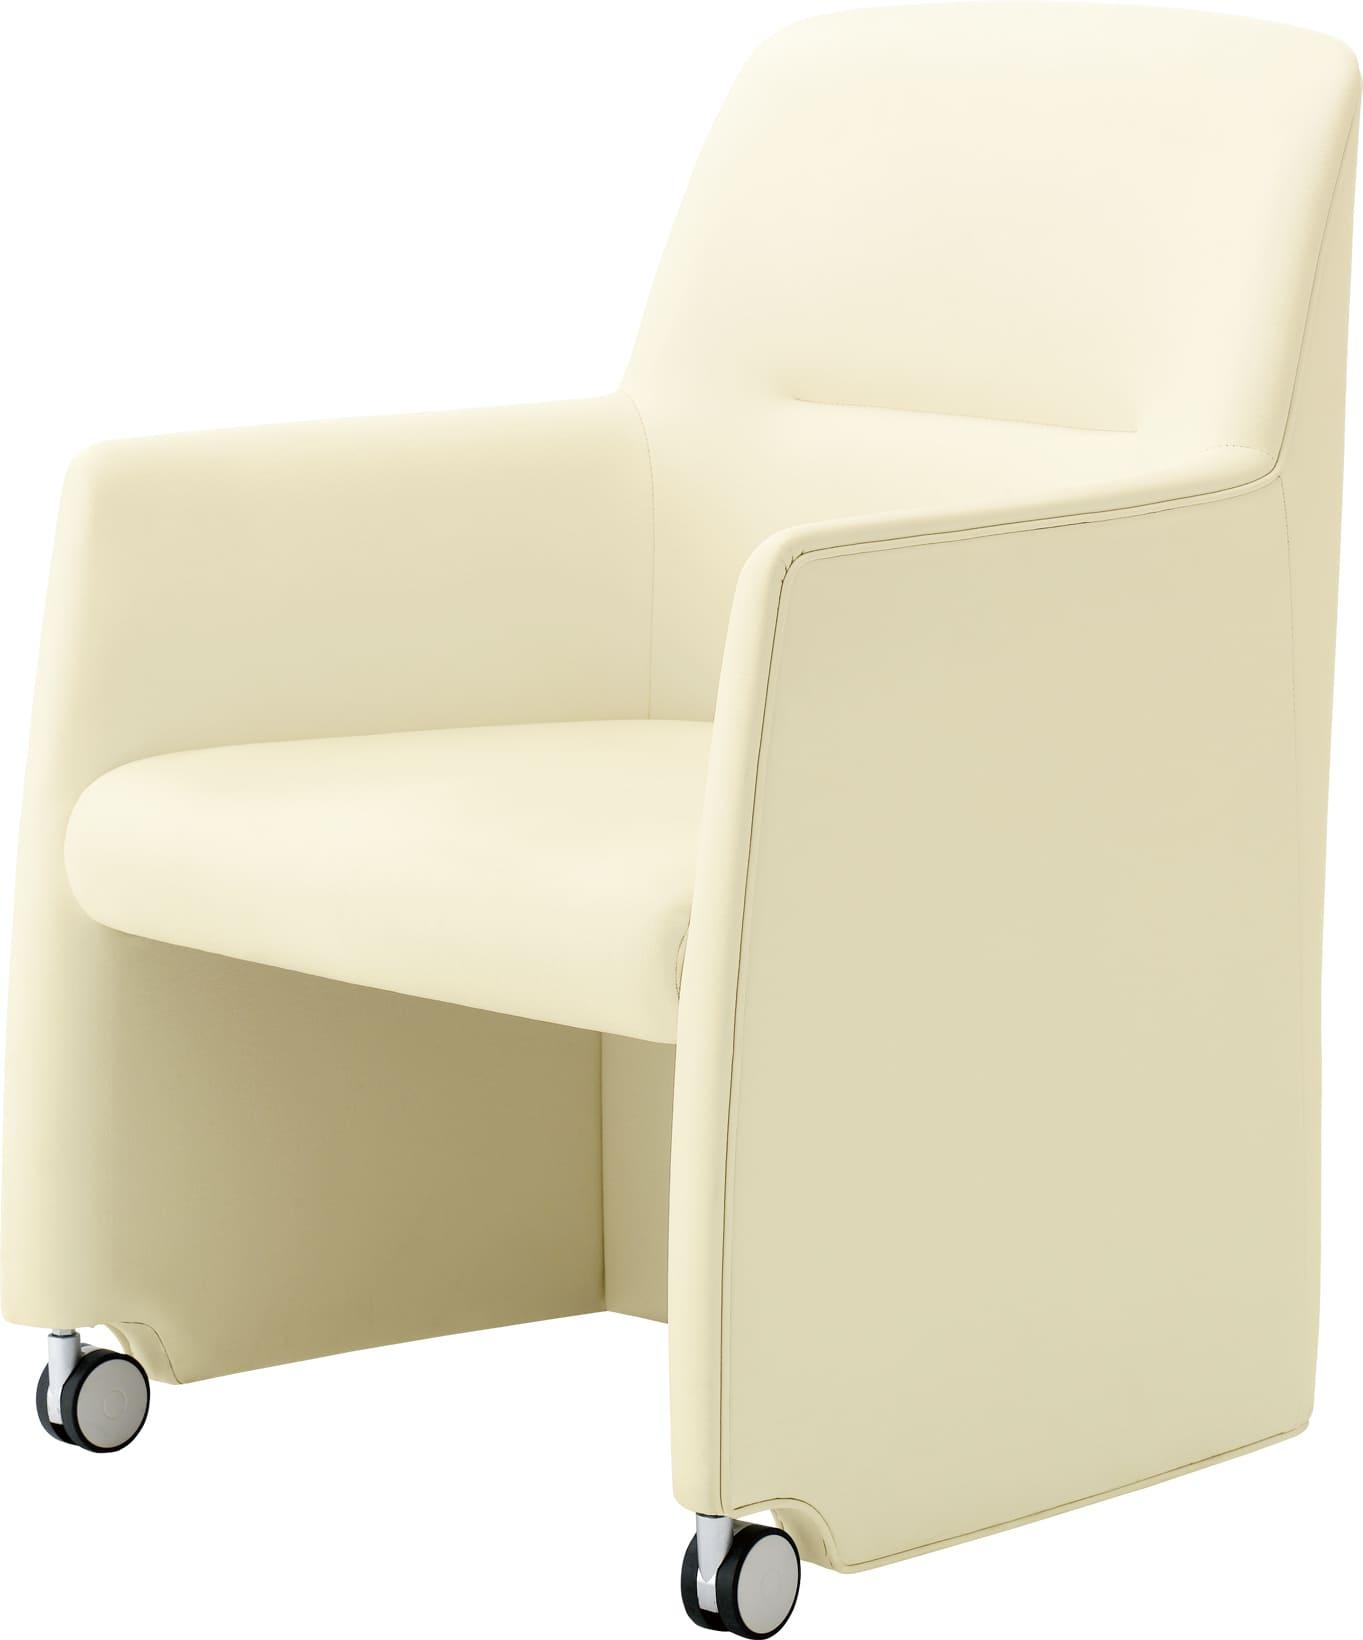 カシス Cassis 一人掛け 一人がけ 1人掛け 1人がけ 1人掛け 1人がけ アームあり キャスターあり チェア キャスターあり 会議室 白 黒 家具 LC8